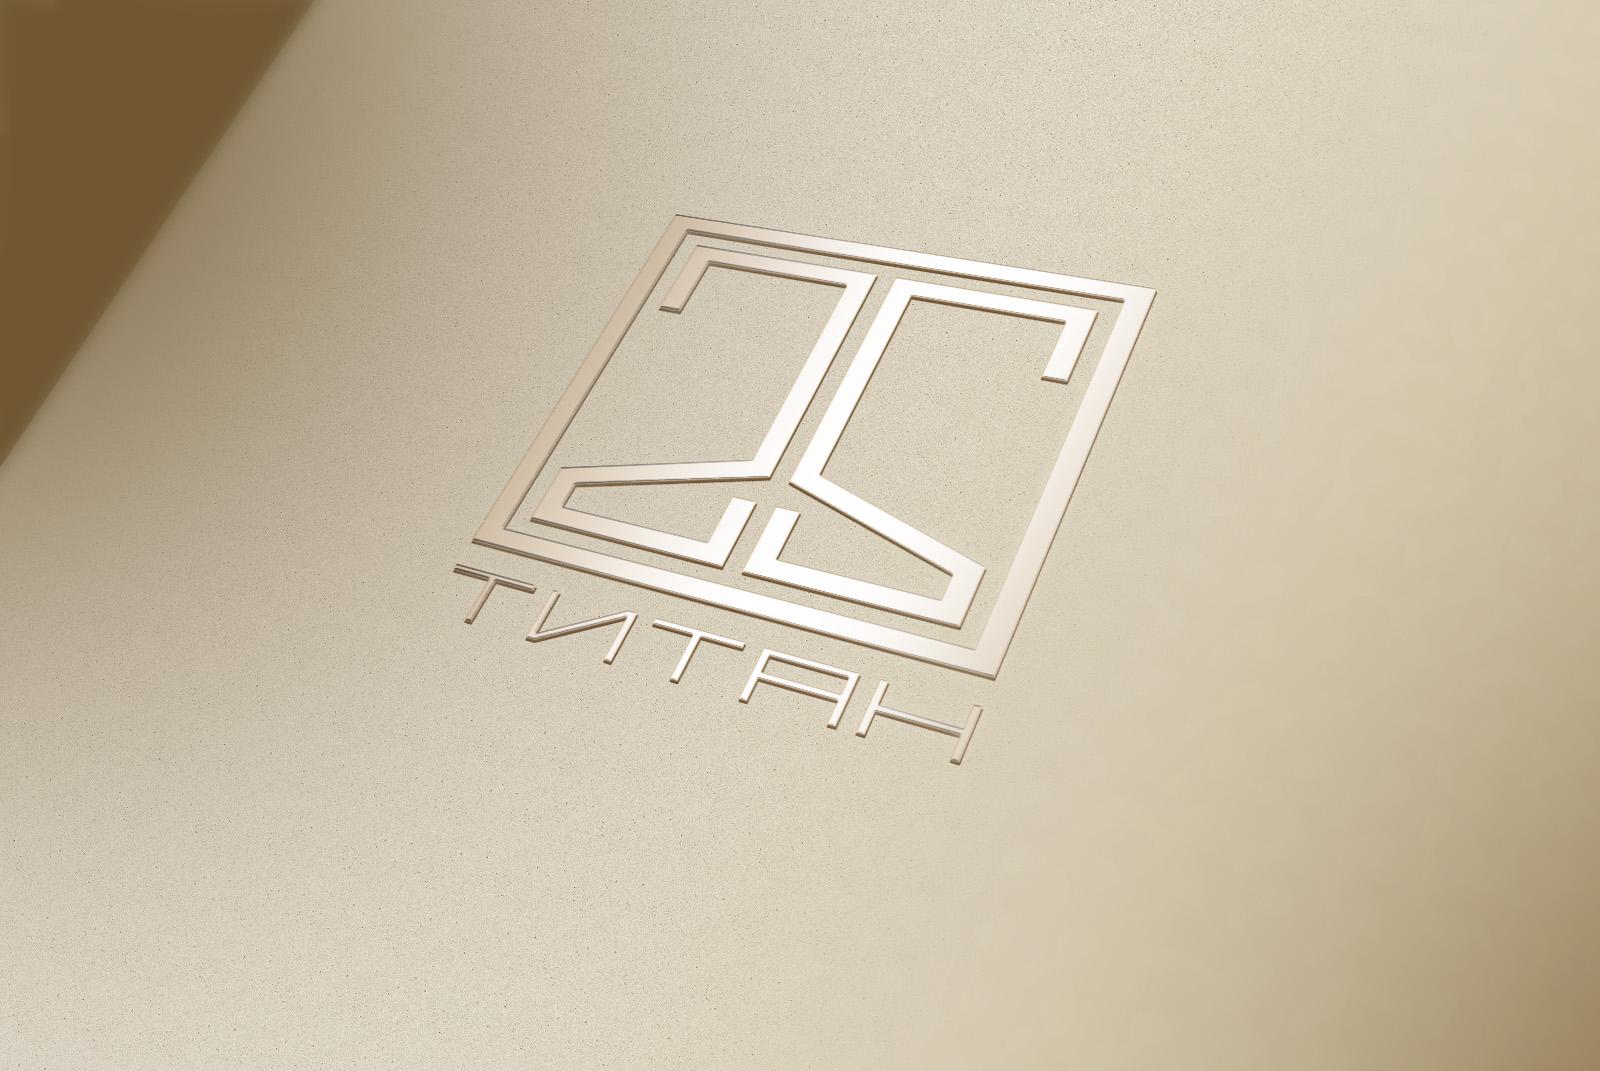 Разработка логотипа (срочно) фото f_9515d4aa6c6abae3.jpg